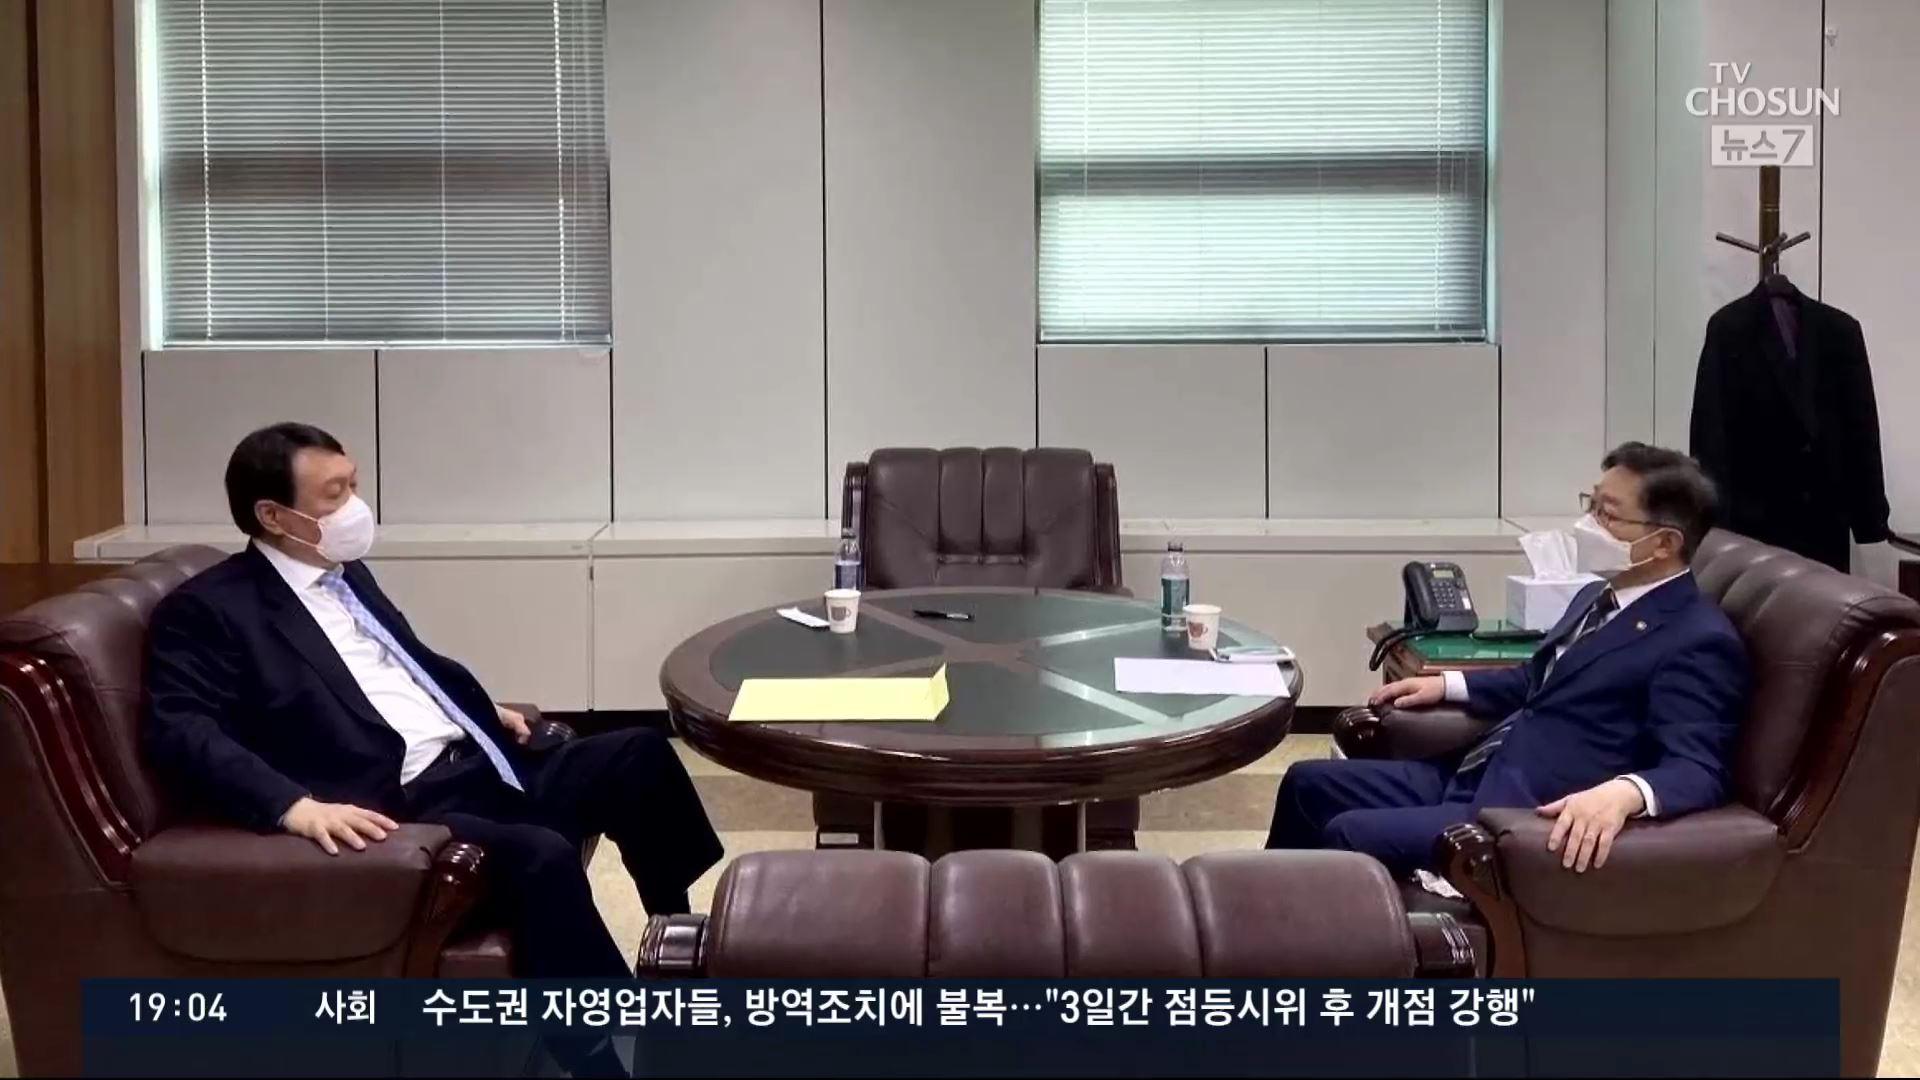 [단독] 박범계 '구체적 인사안 주겠다'더니…휴일 '기습 인사'